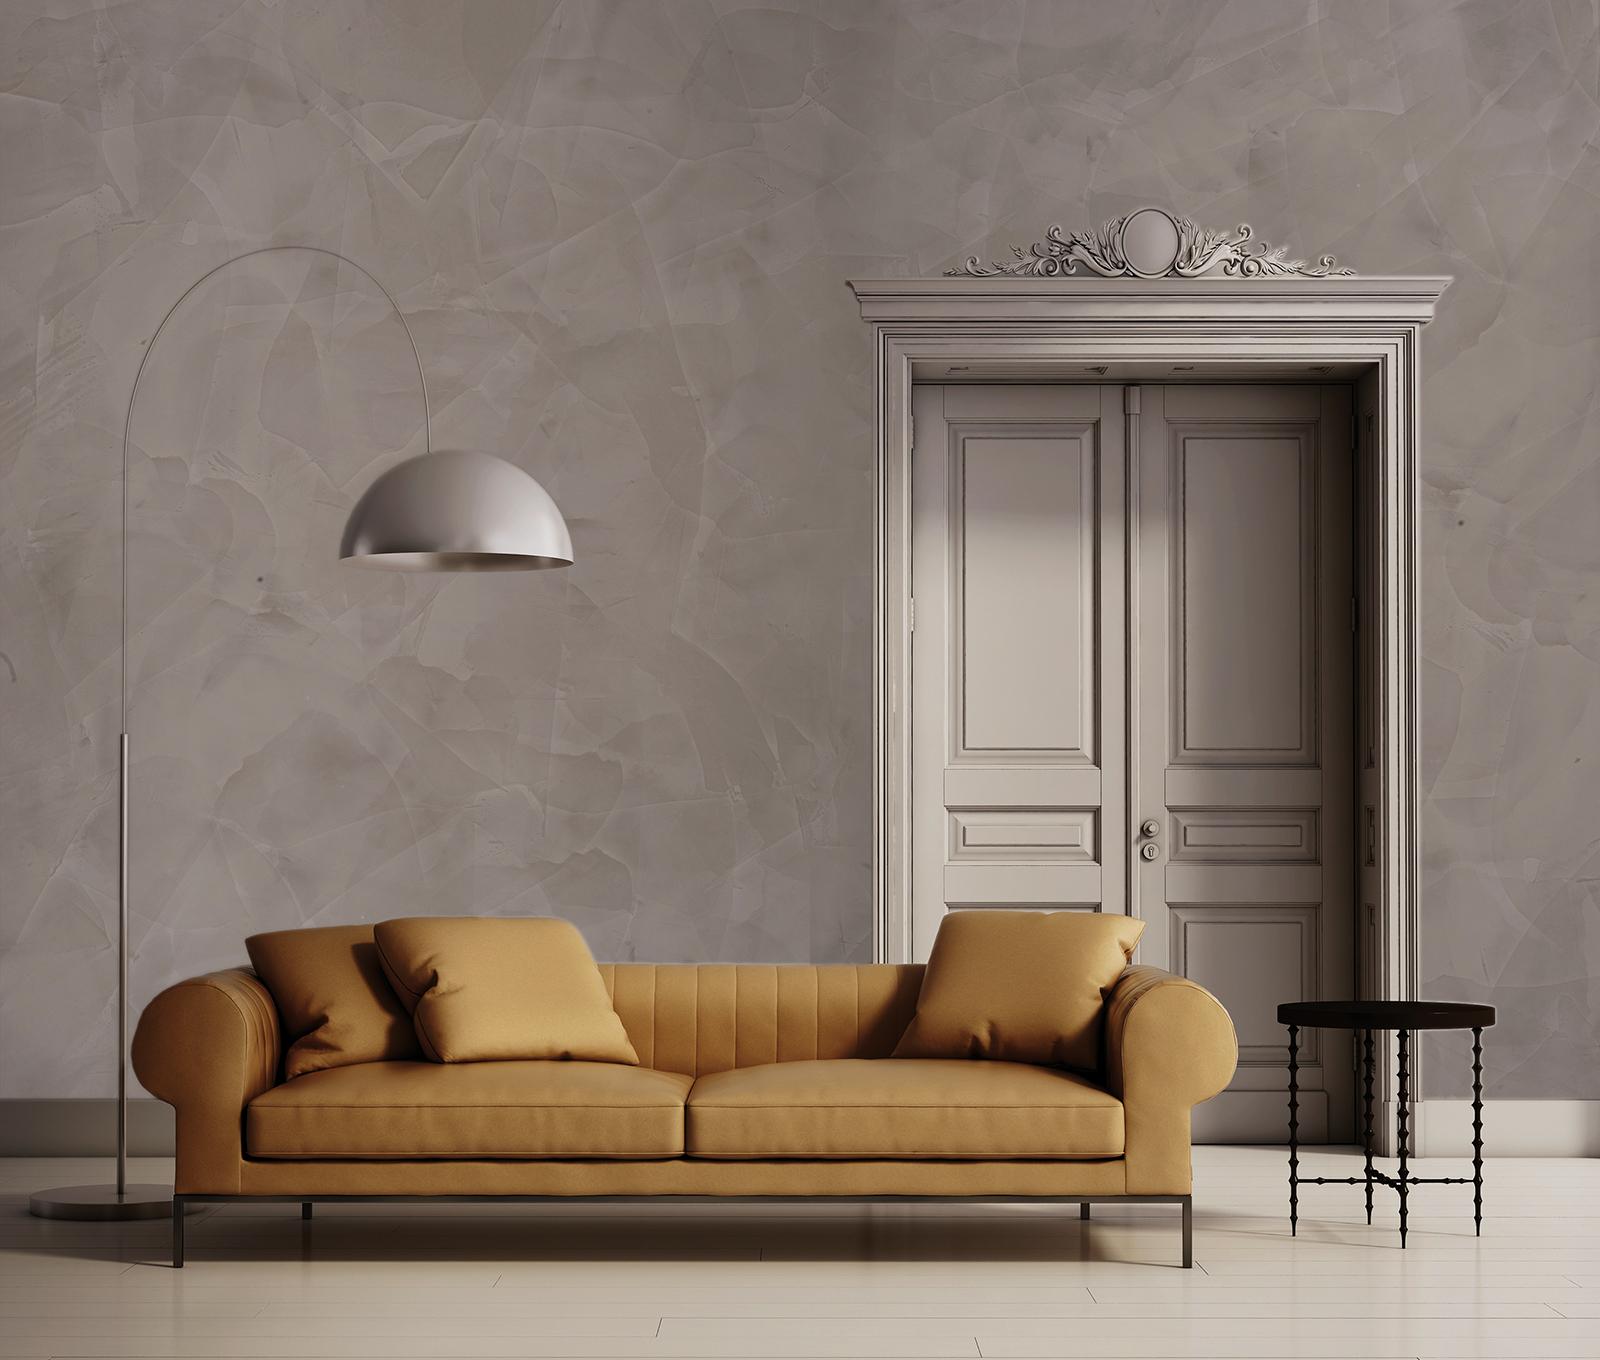 Pittura Stucco Veneziano Foto ceboart, le calci eleganti: stucco e marmorino - cebos color